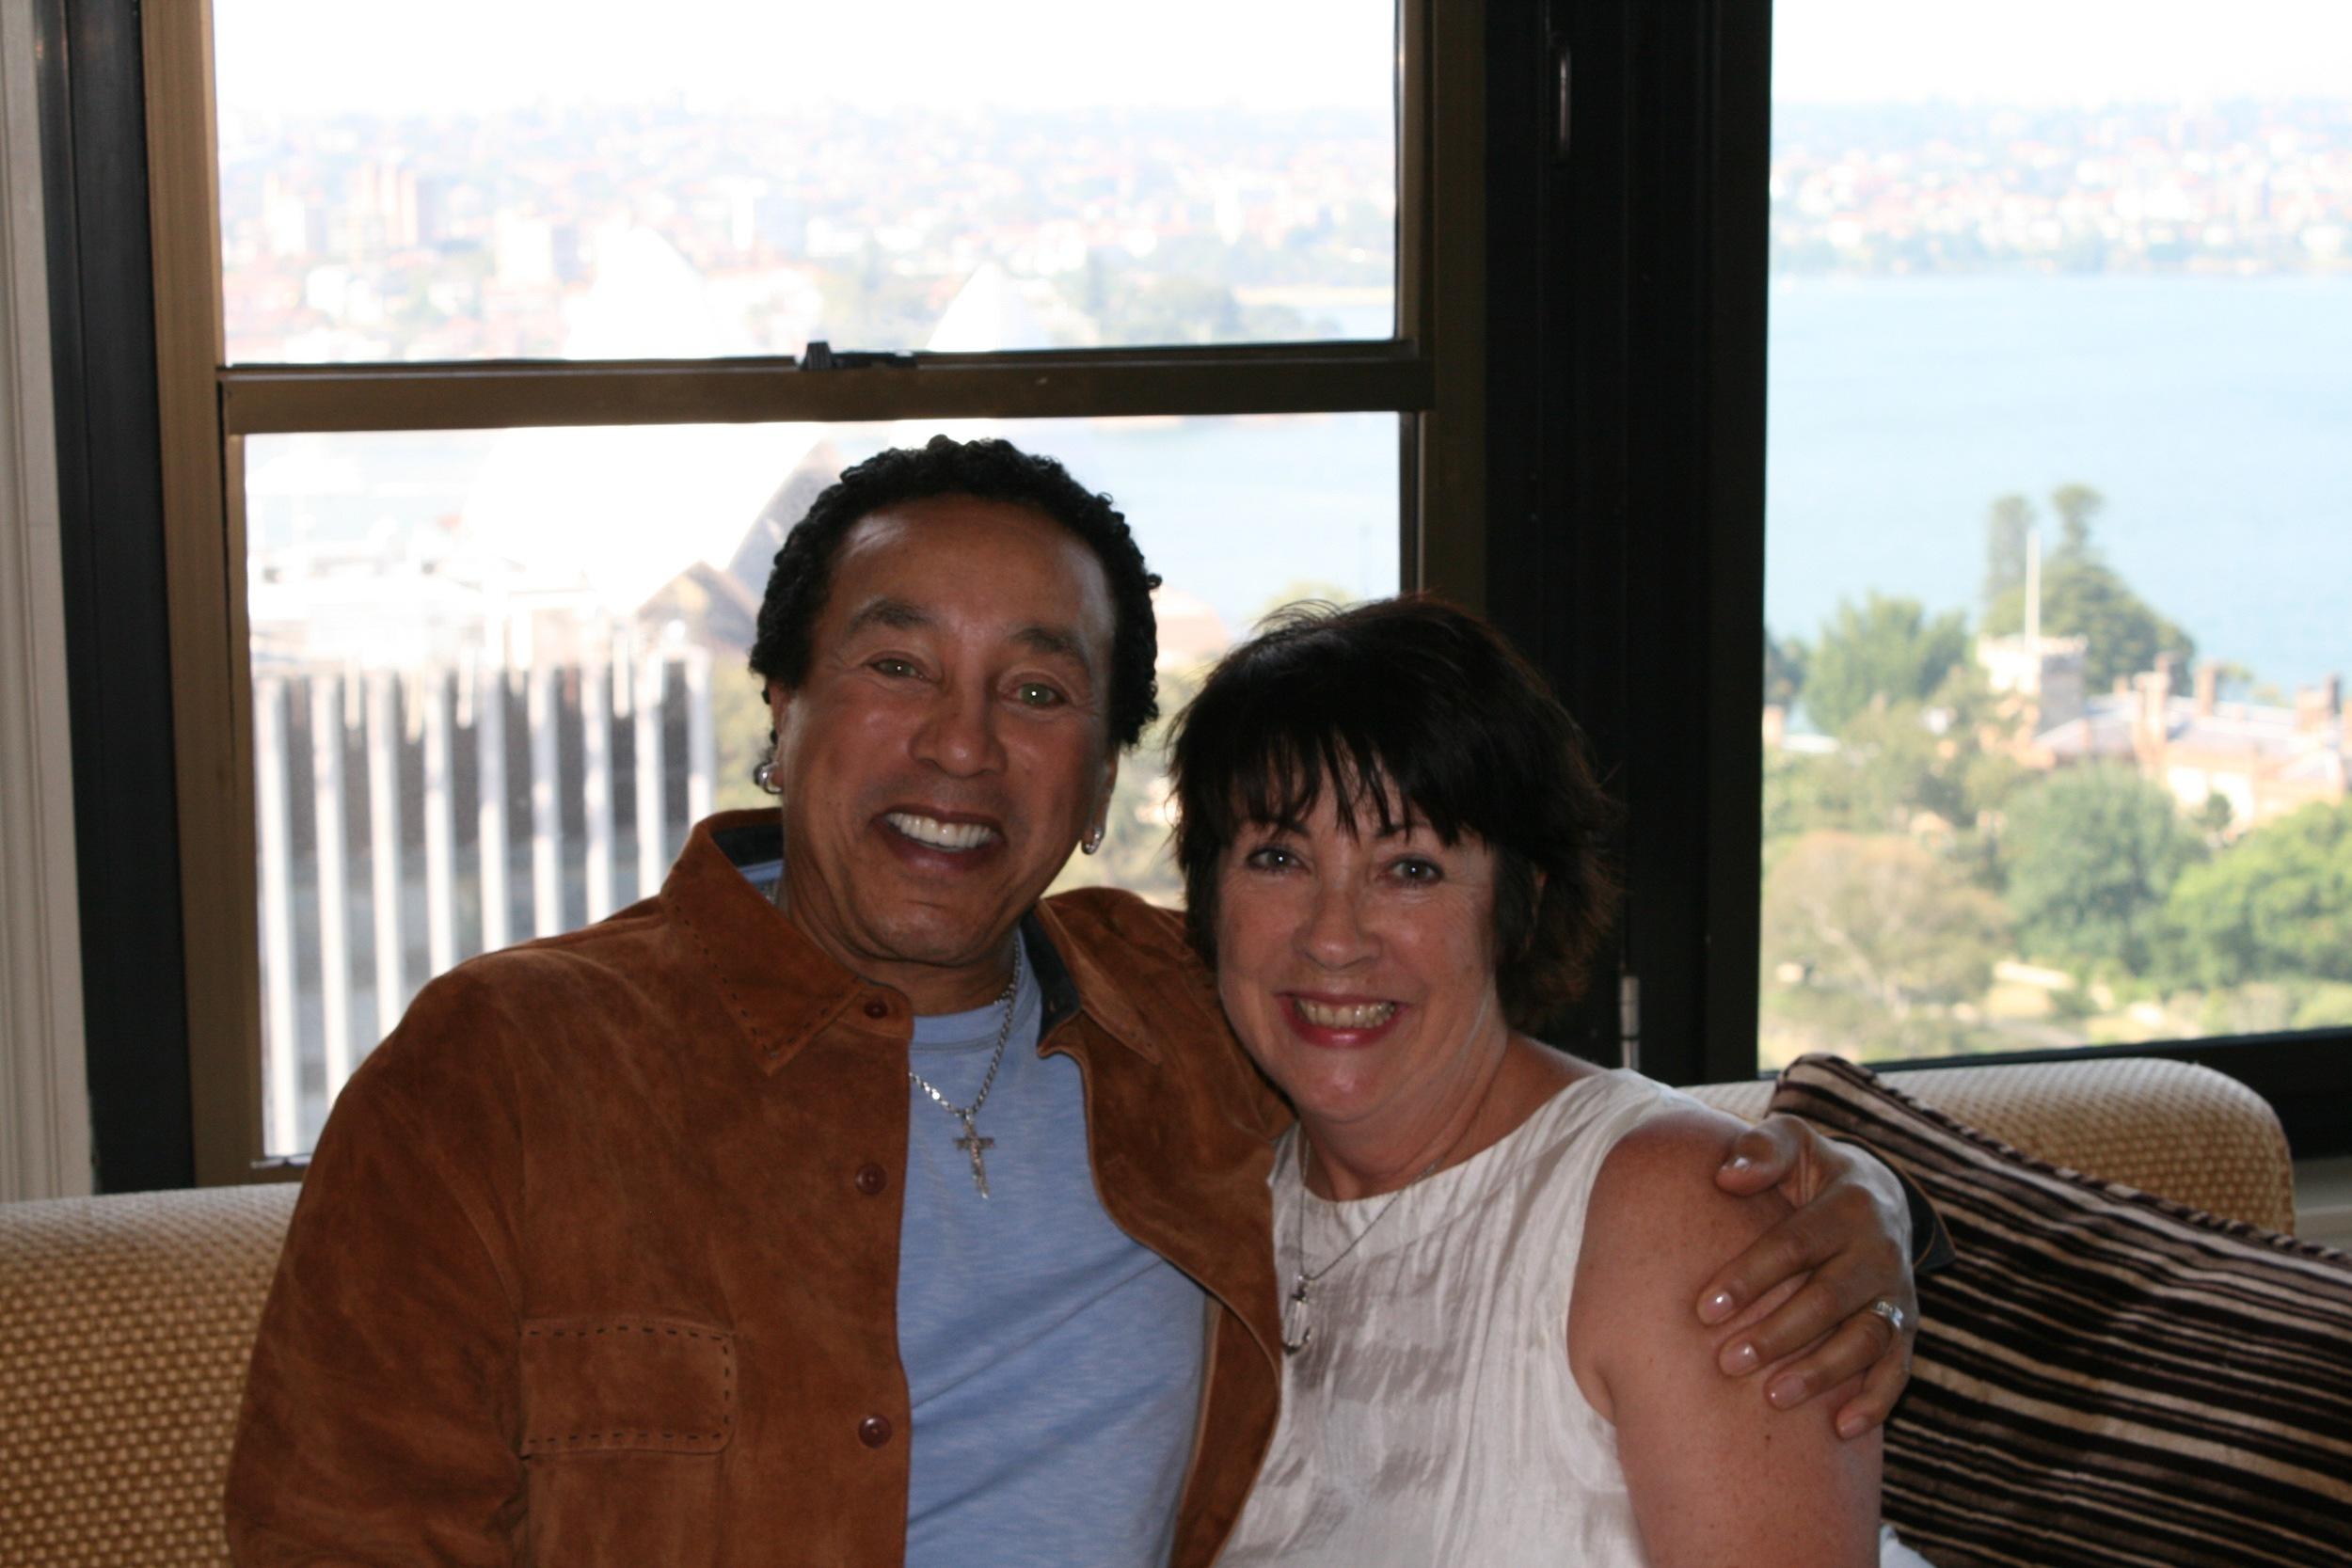 Angela Catterns and Smokey Robinson